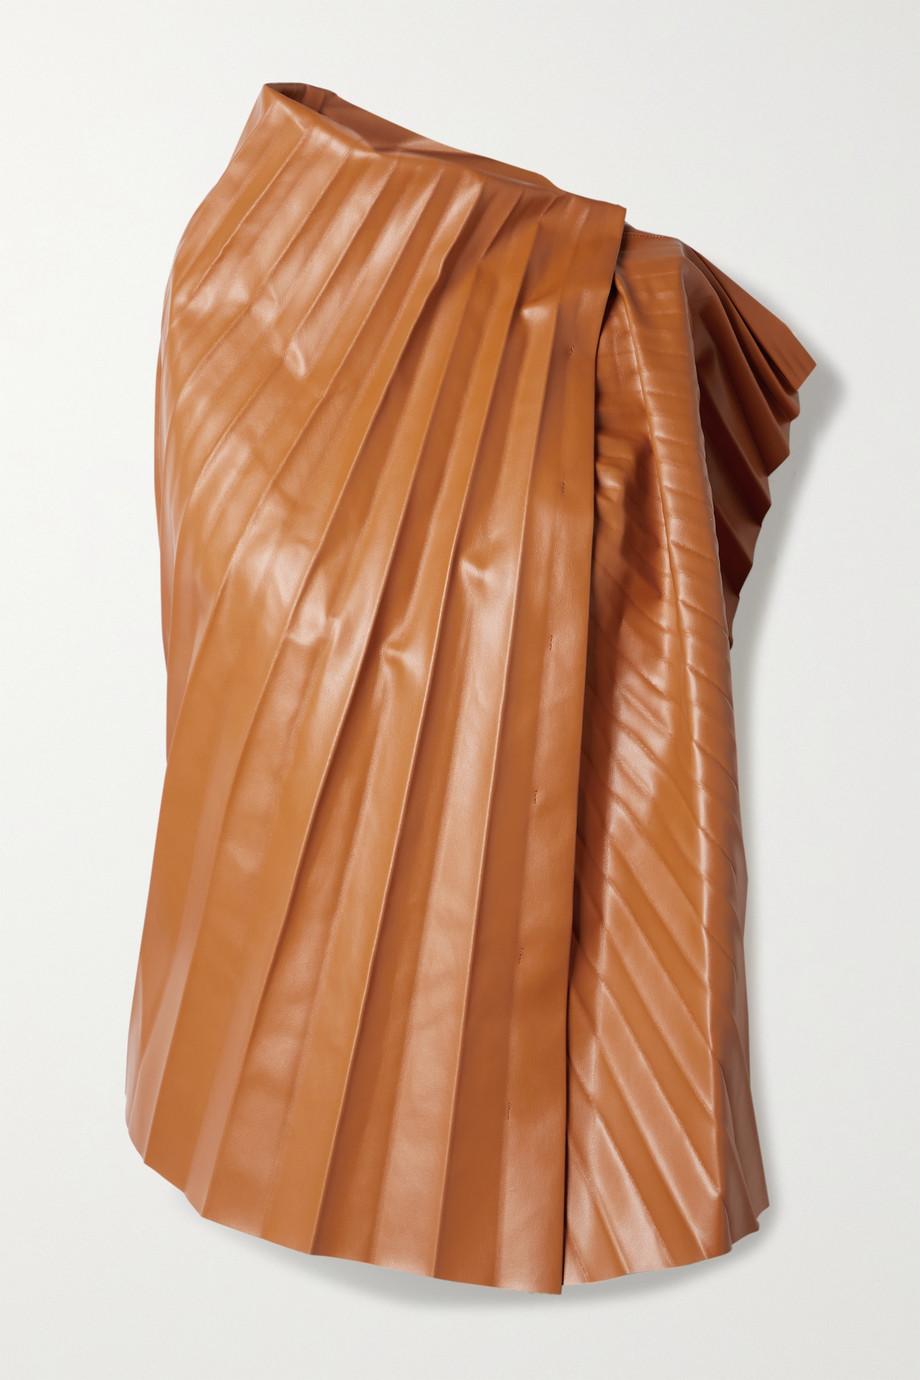 A.W.A.K.E. MODE Haut en cuir synthétique plissé